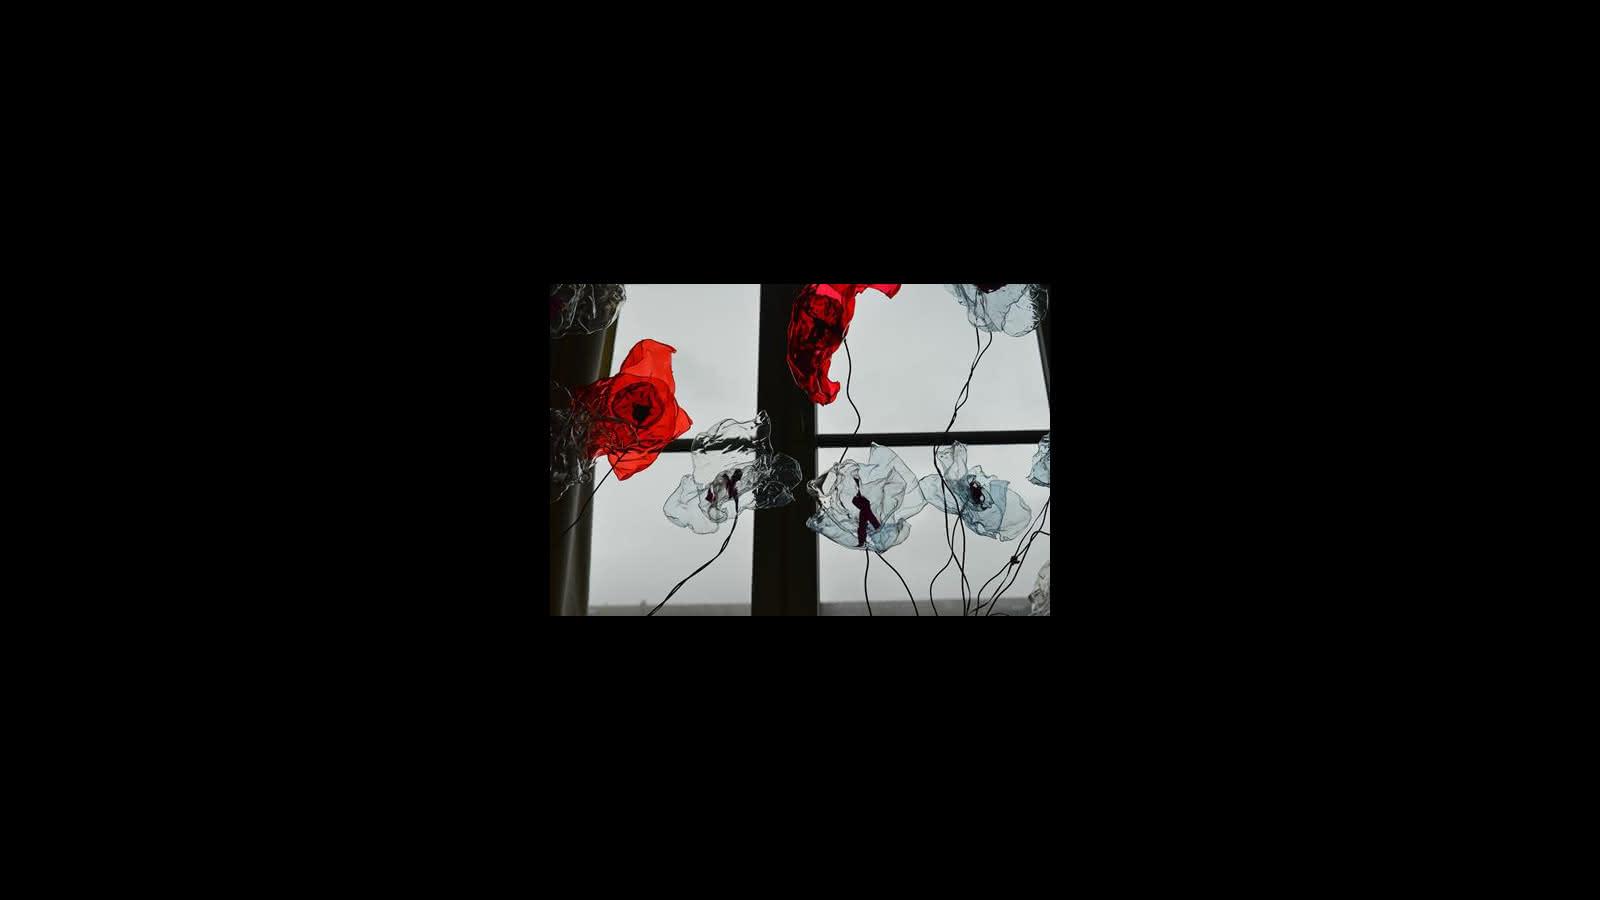 Le chant des fleurs - Lucie Prod'homme